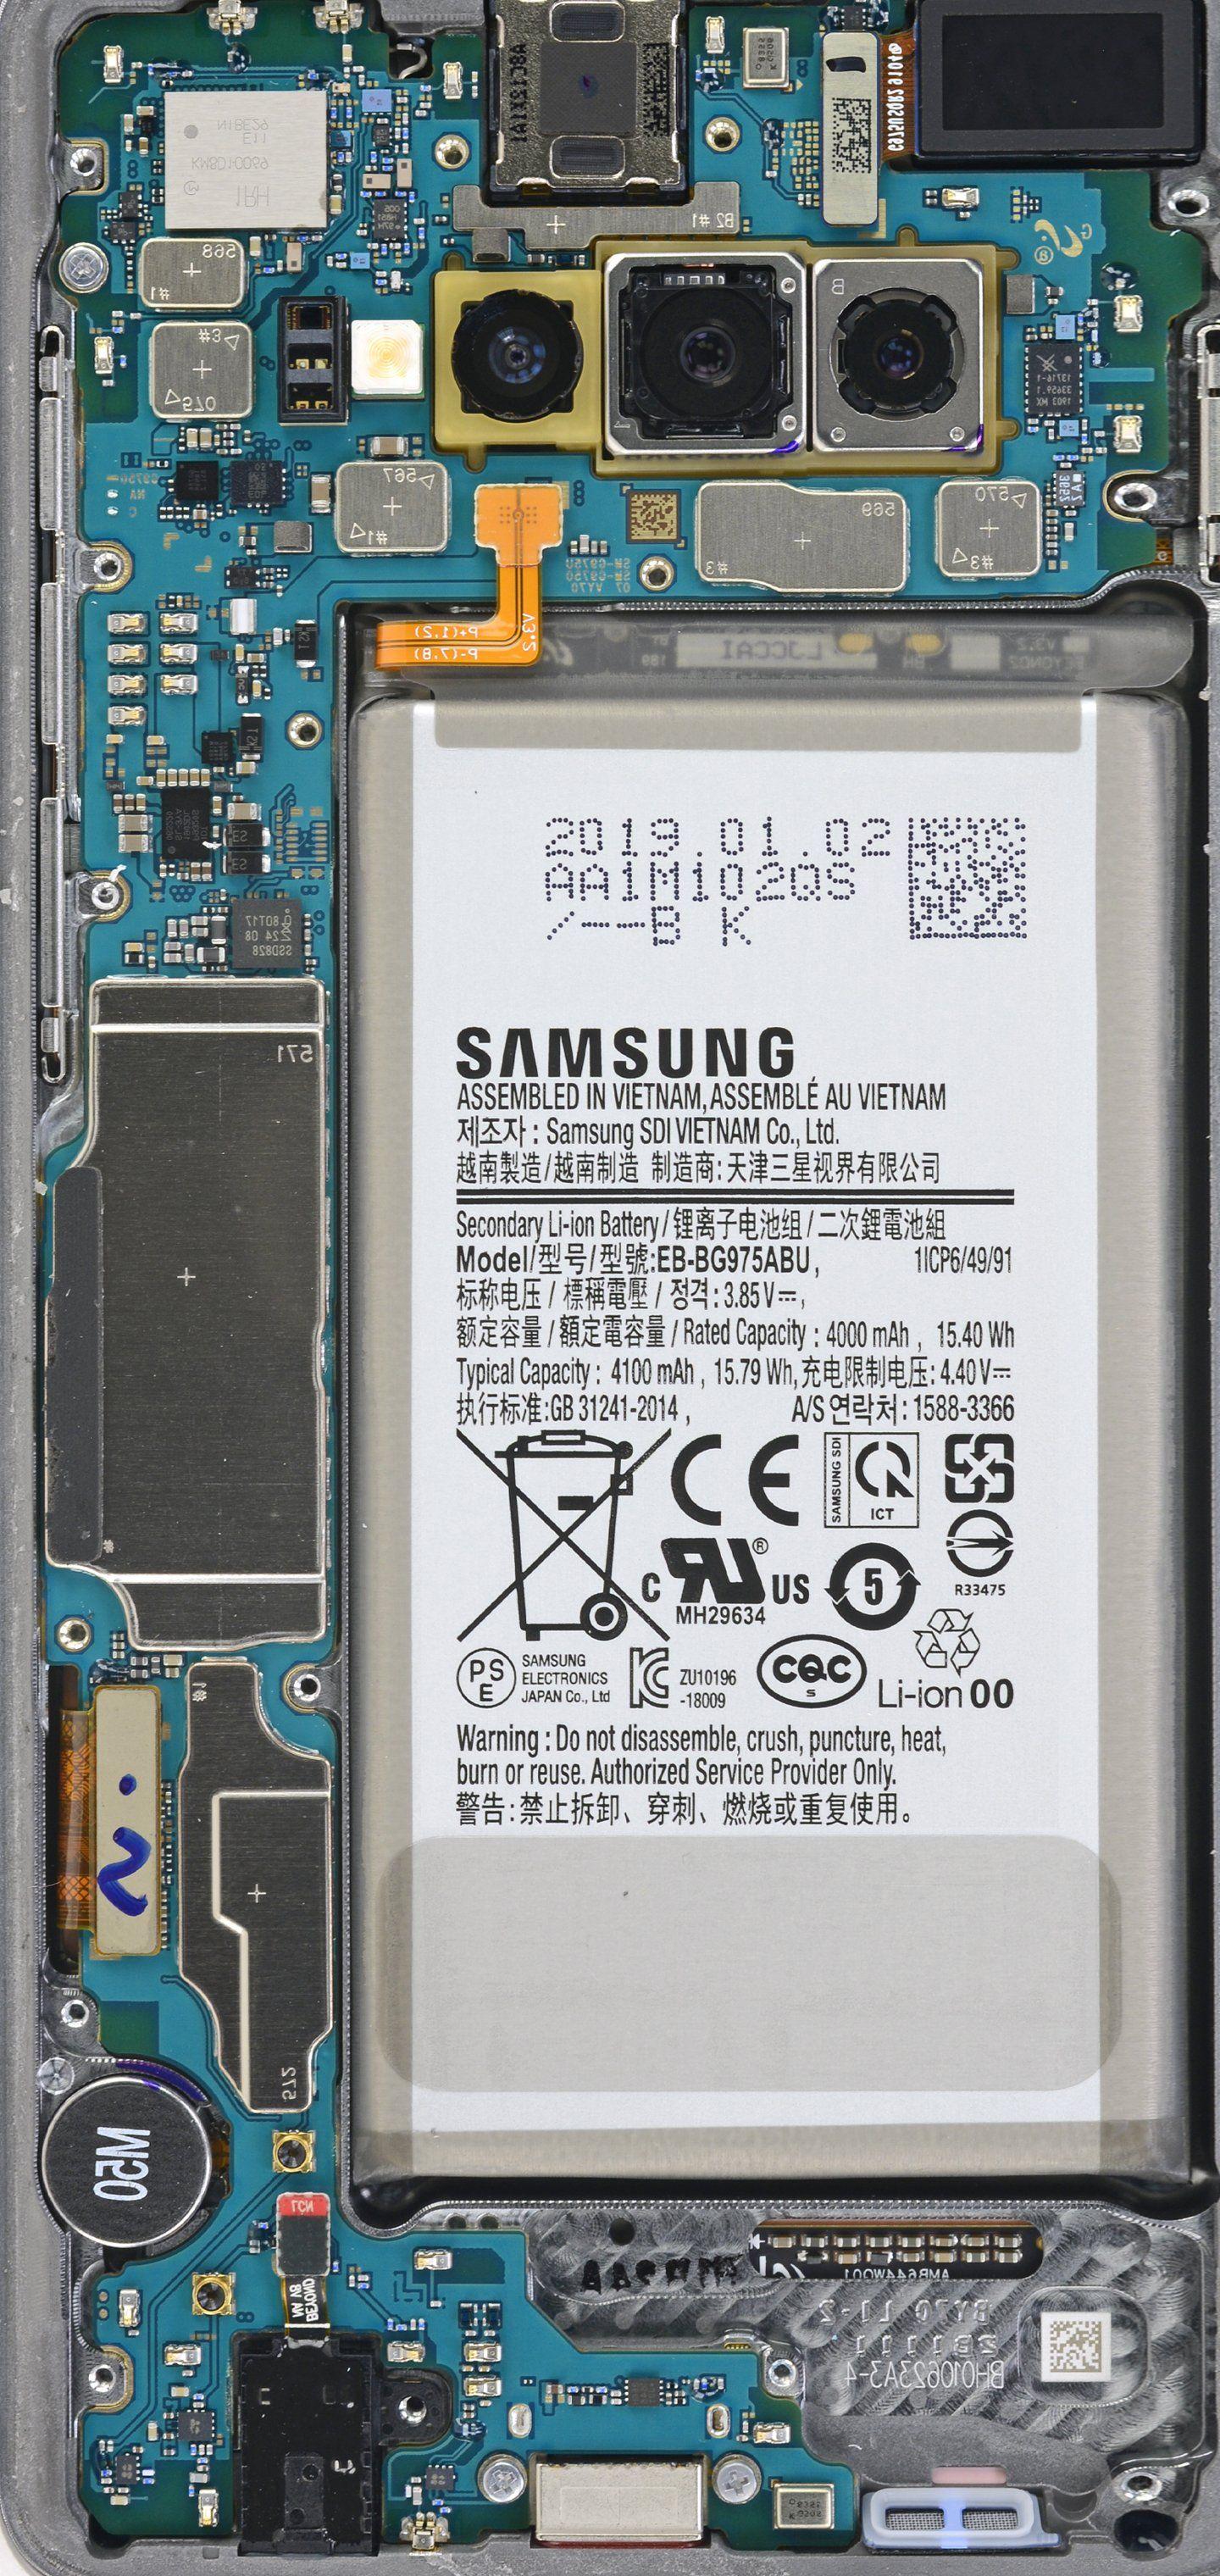 420 Koleksi Wallpaper Mesin Hp 3d Gratis Terbaik Wallpaper Samsung Galaxy Wallpaper Samsung Galaxy Wallpaper